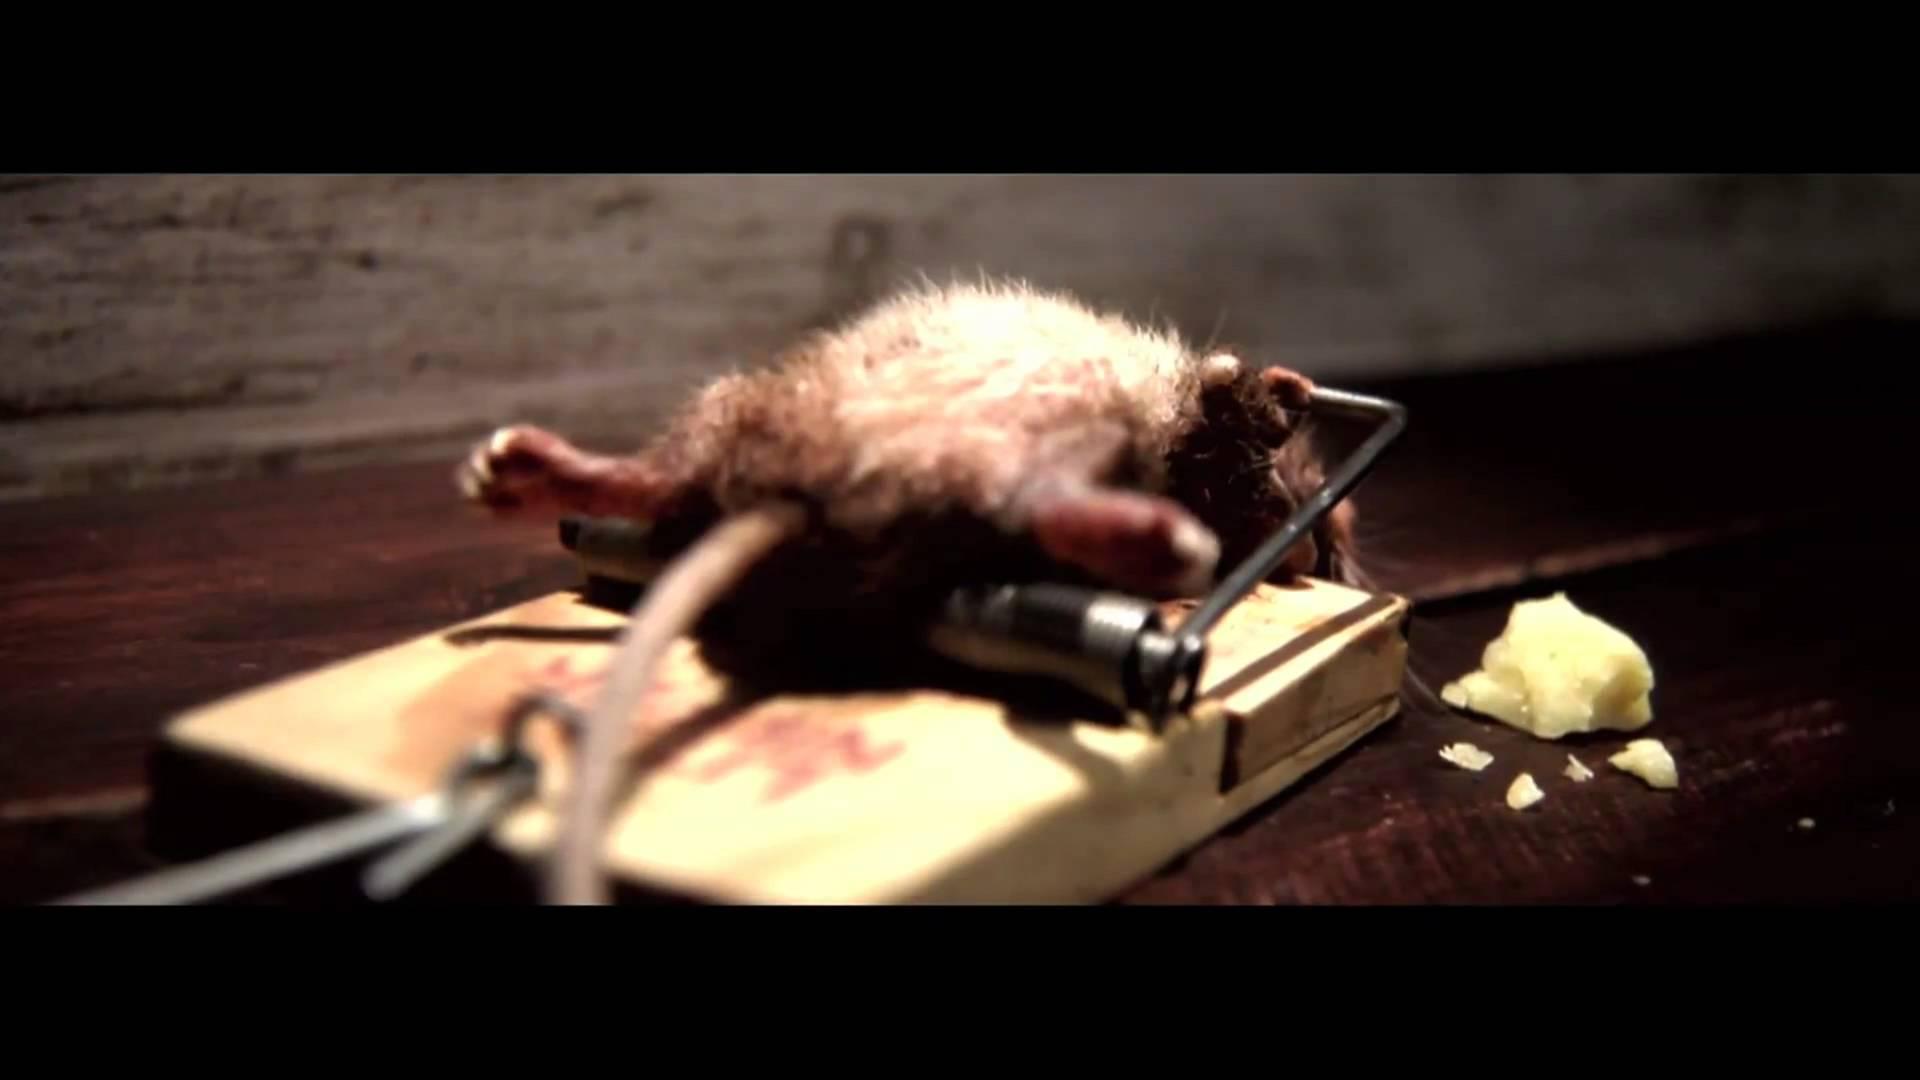 VIDEO: Hiir jääb kinni hiirelõksu, kuid siis juhtub midagi uskumatut...